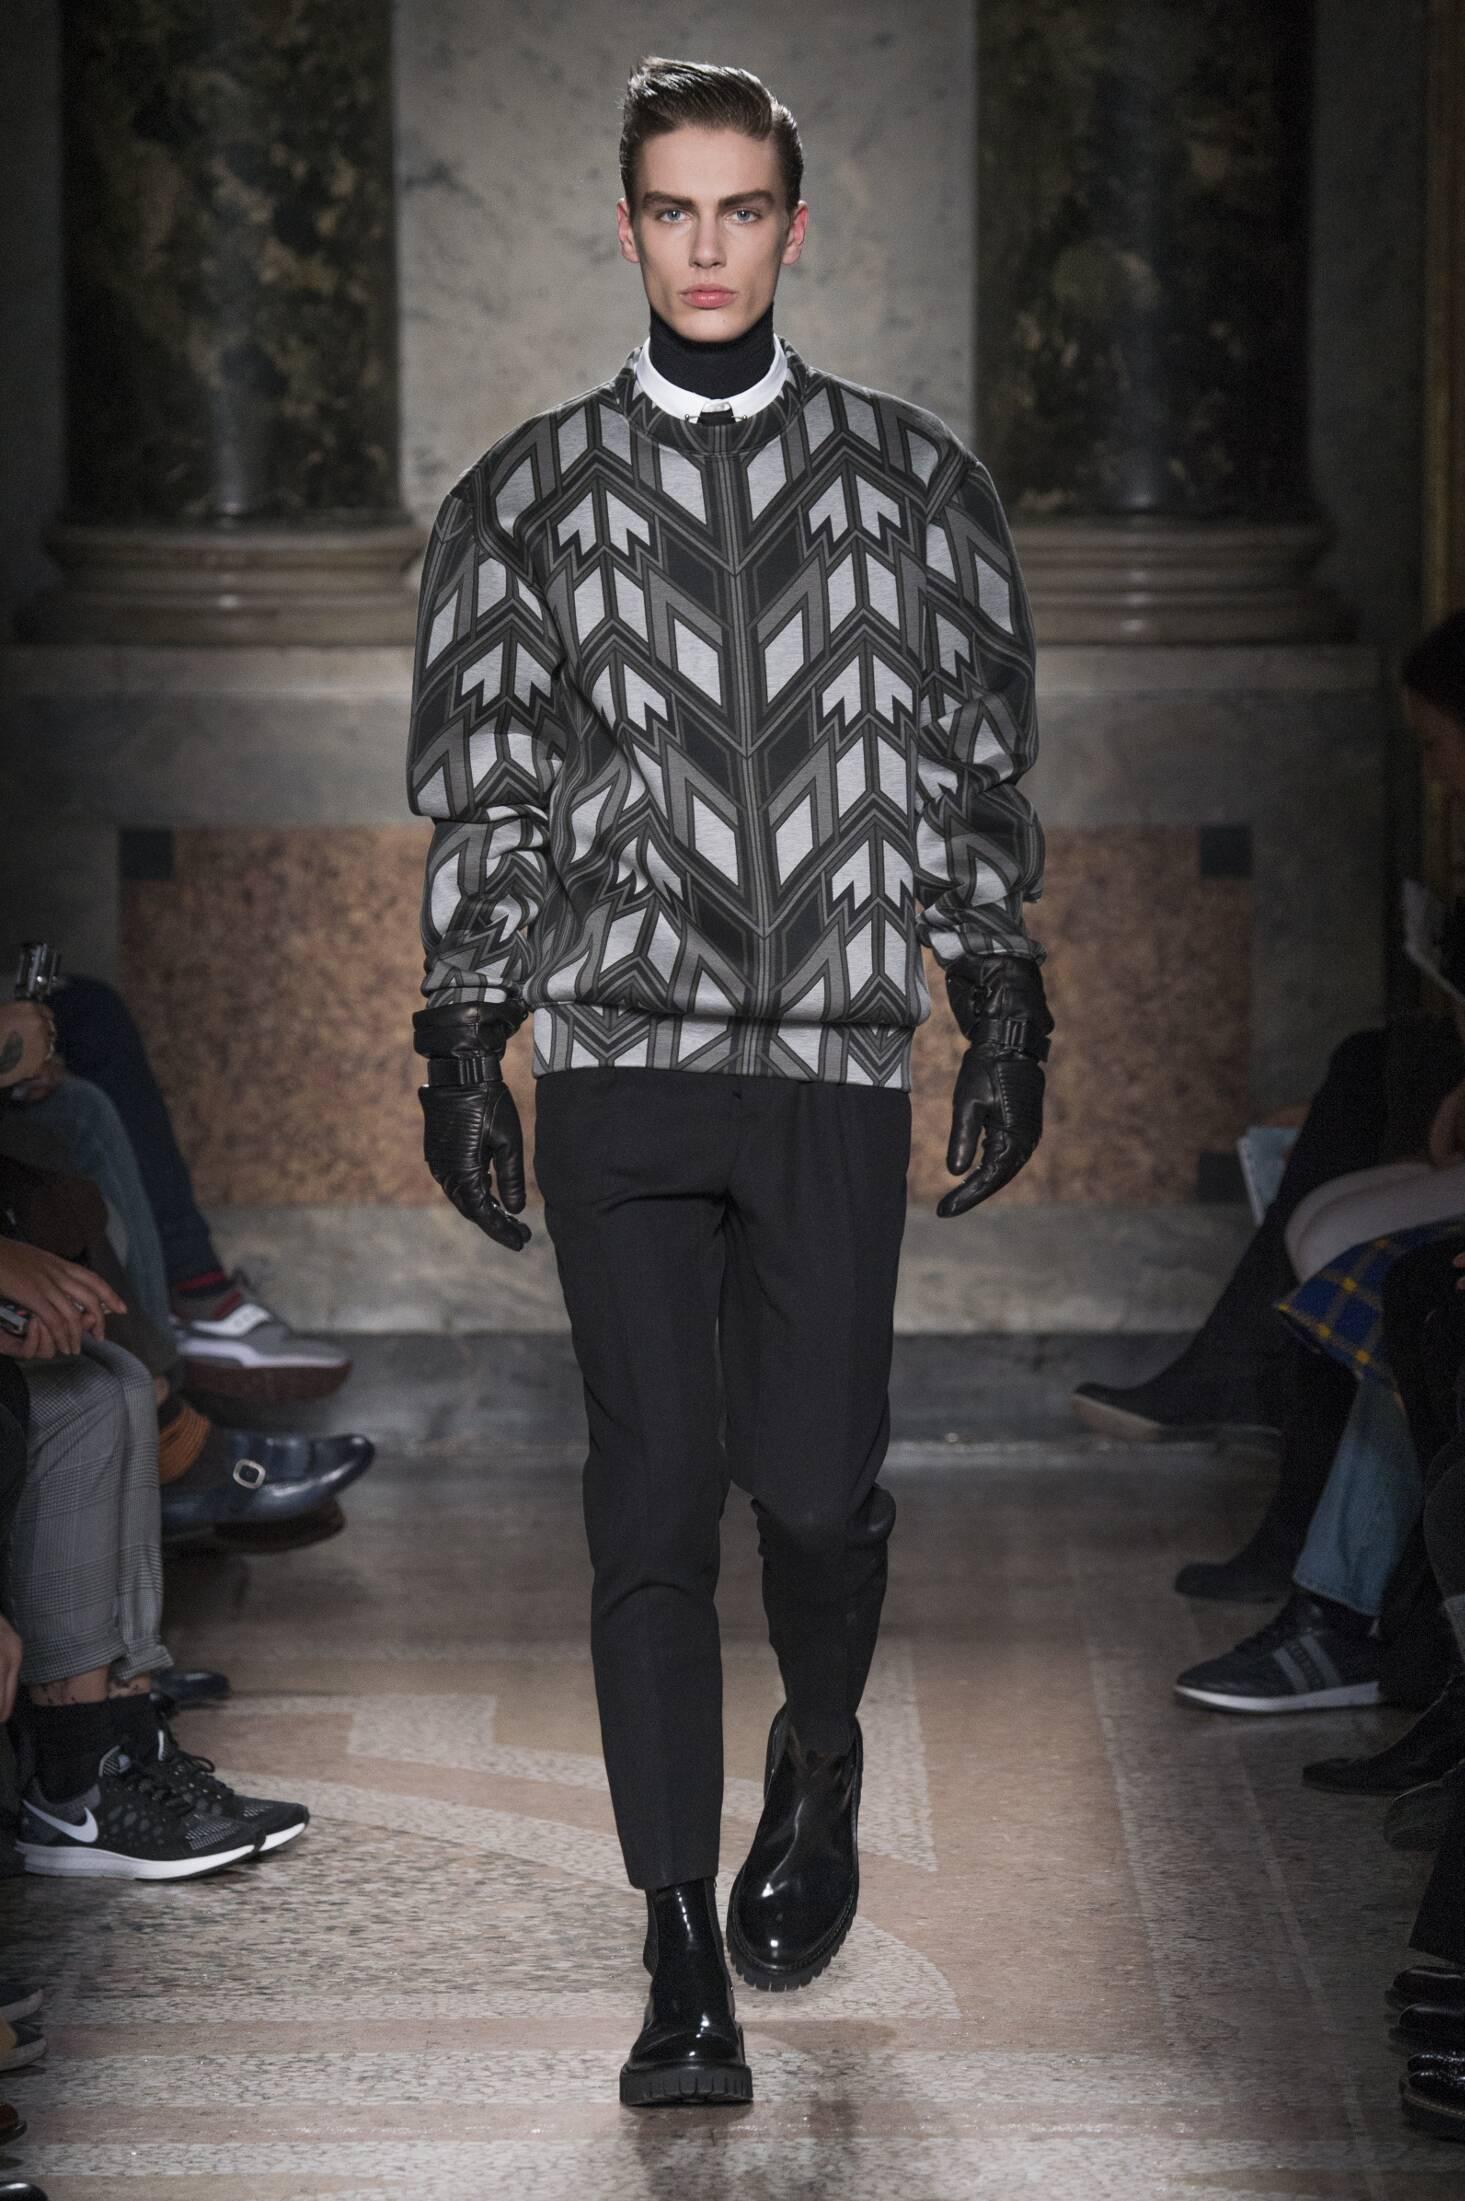 Fall Les Hommes Fashion Man